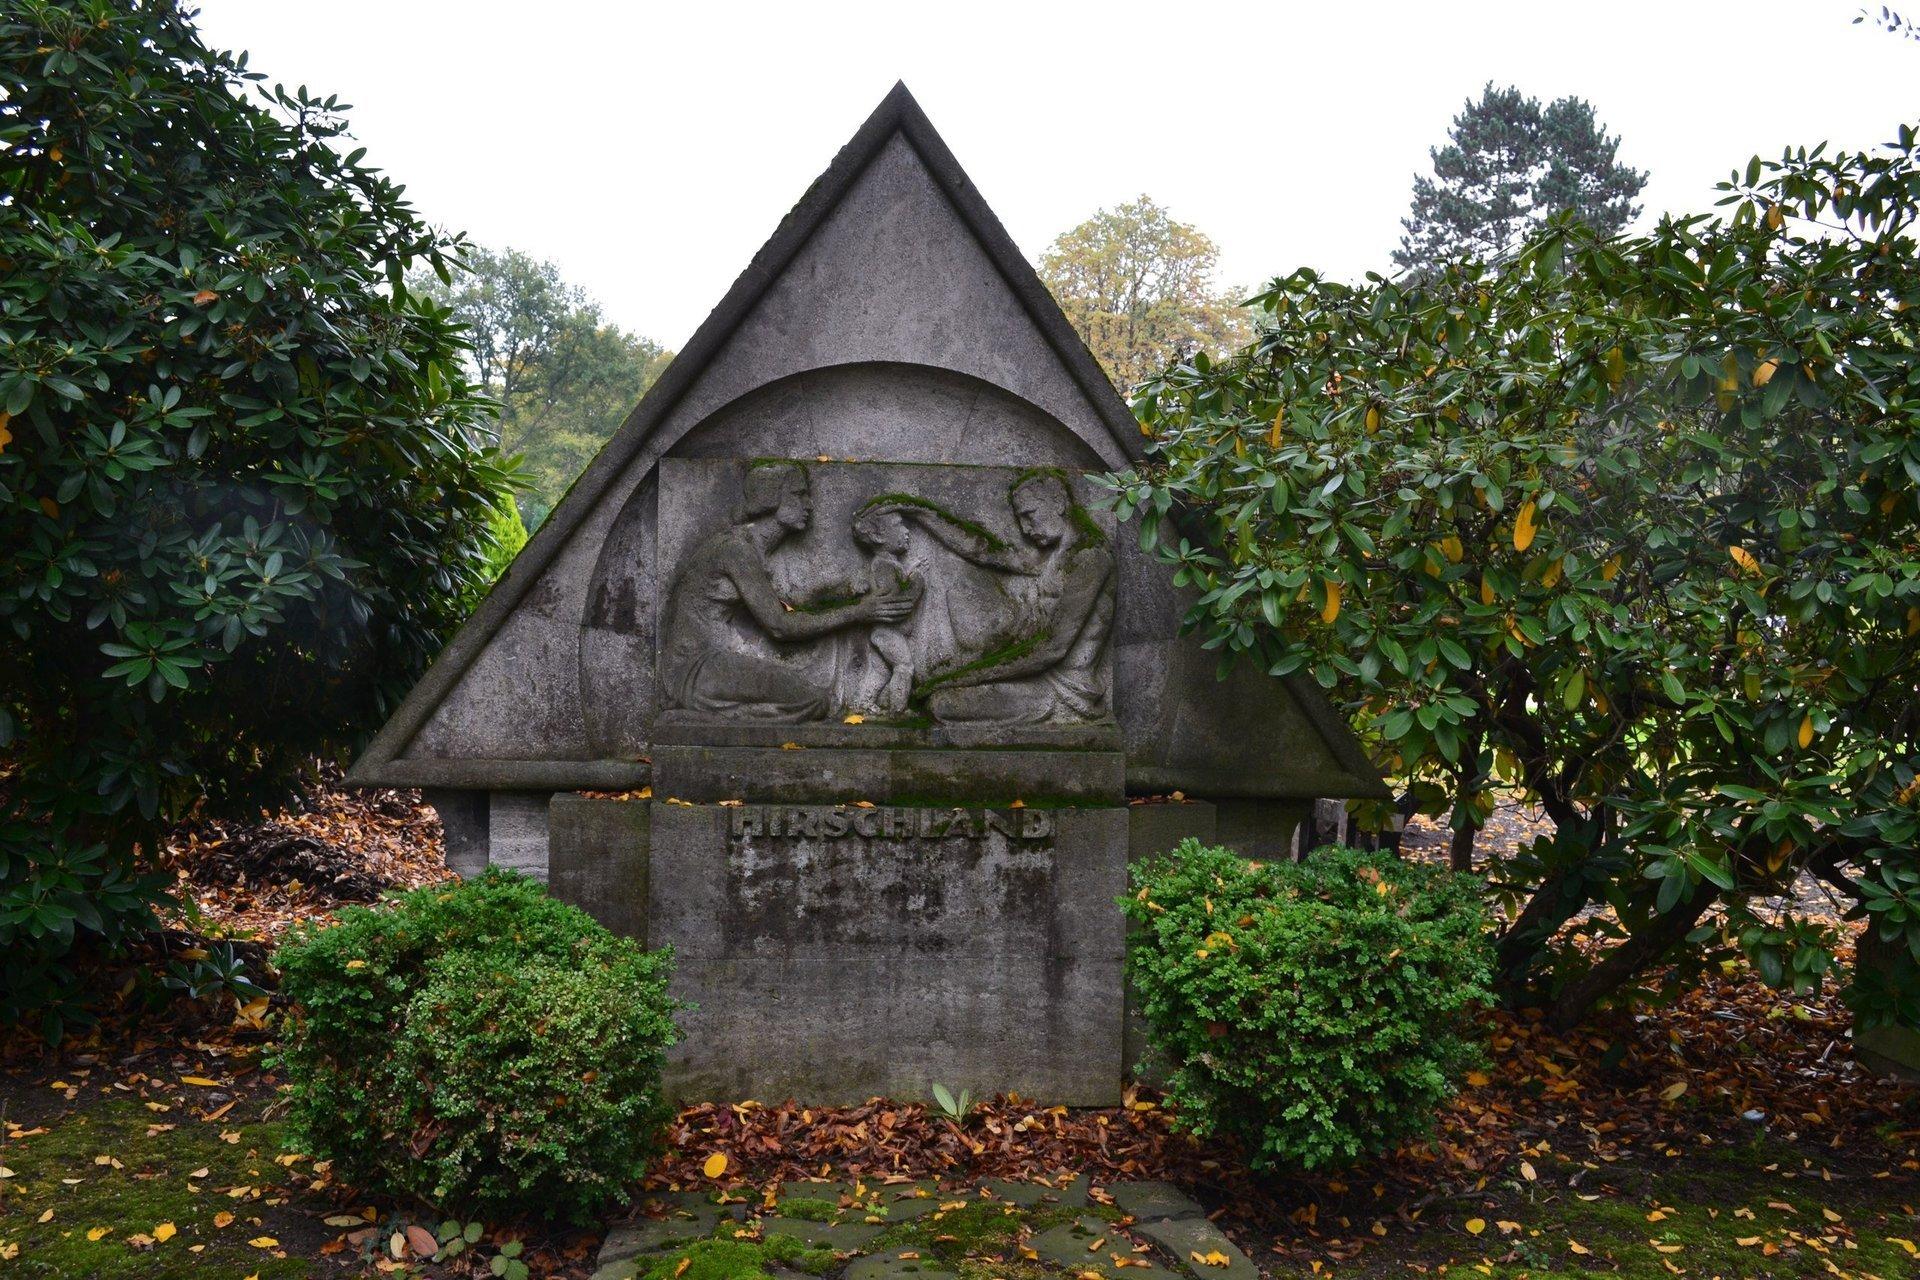 Северное кладбище Дюссельдорфа Нордфридхоф